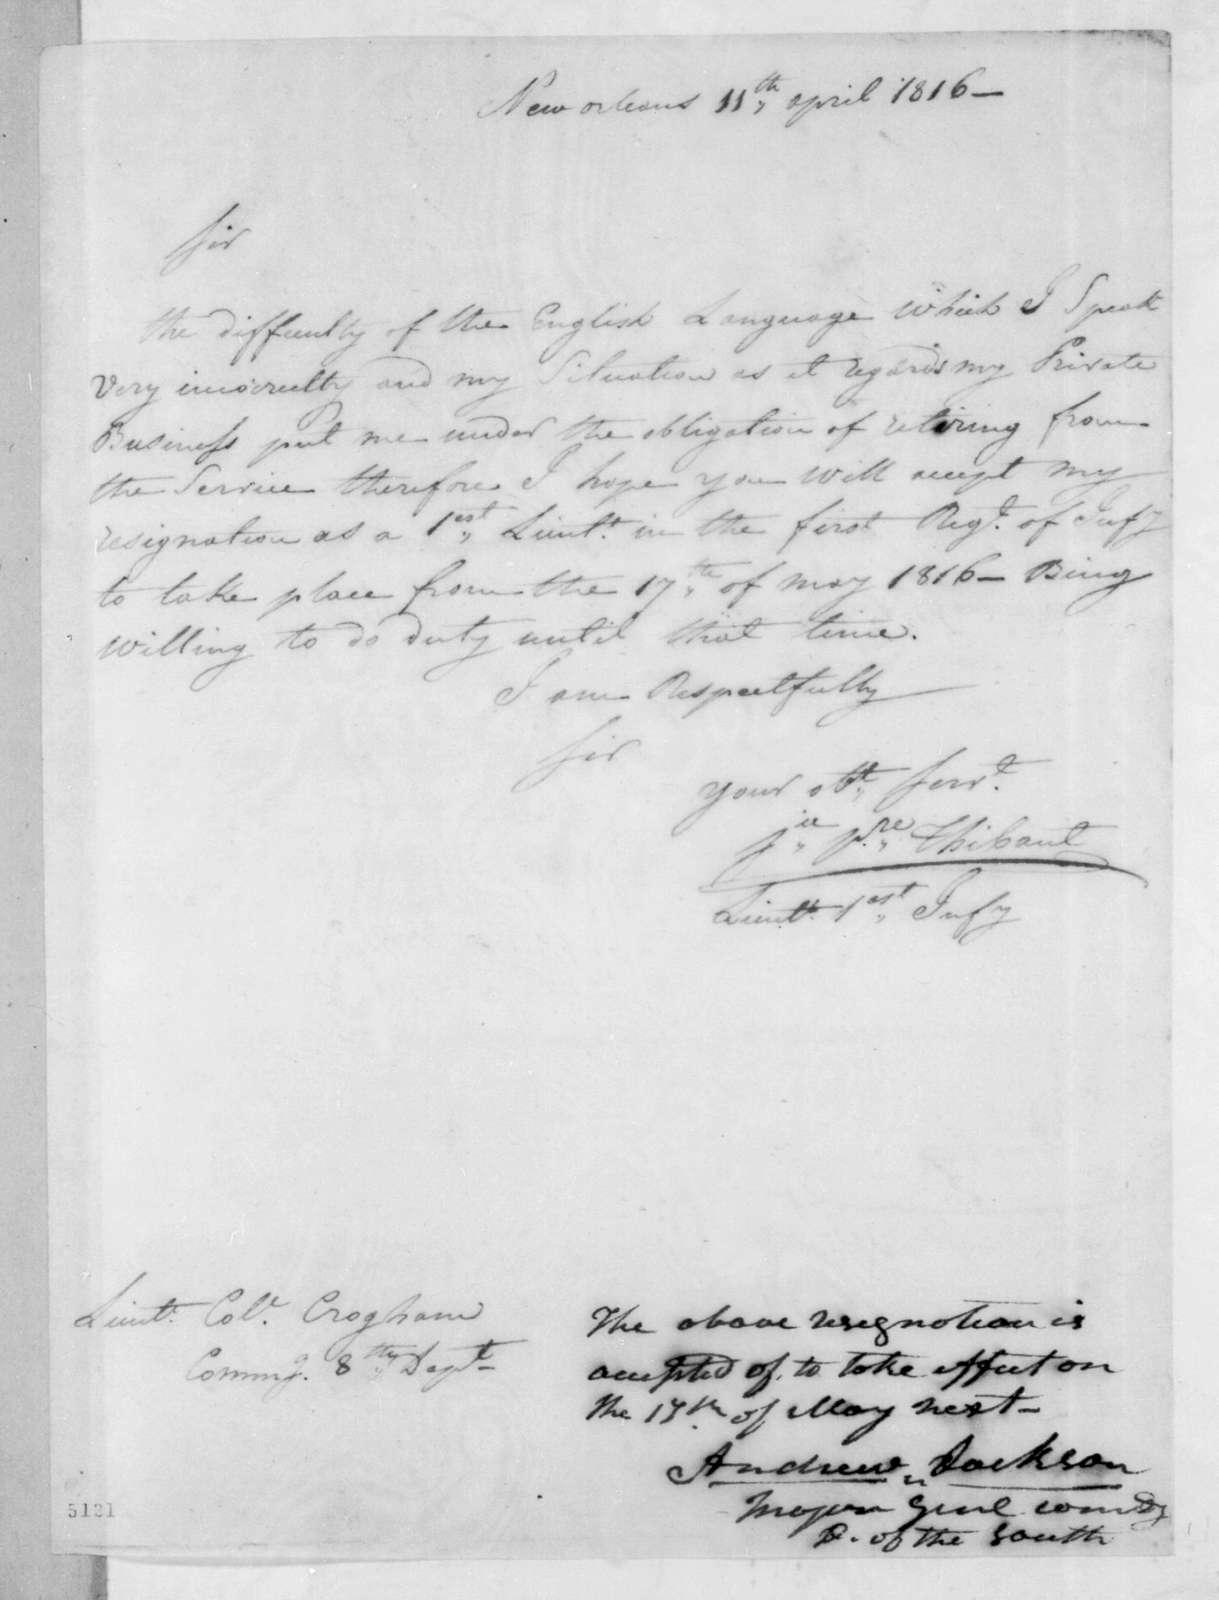 Jean Pierre Thibault to George Croghan, April 11, 1816